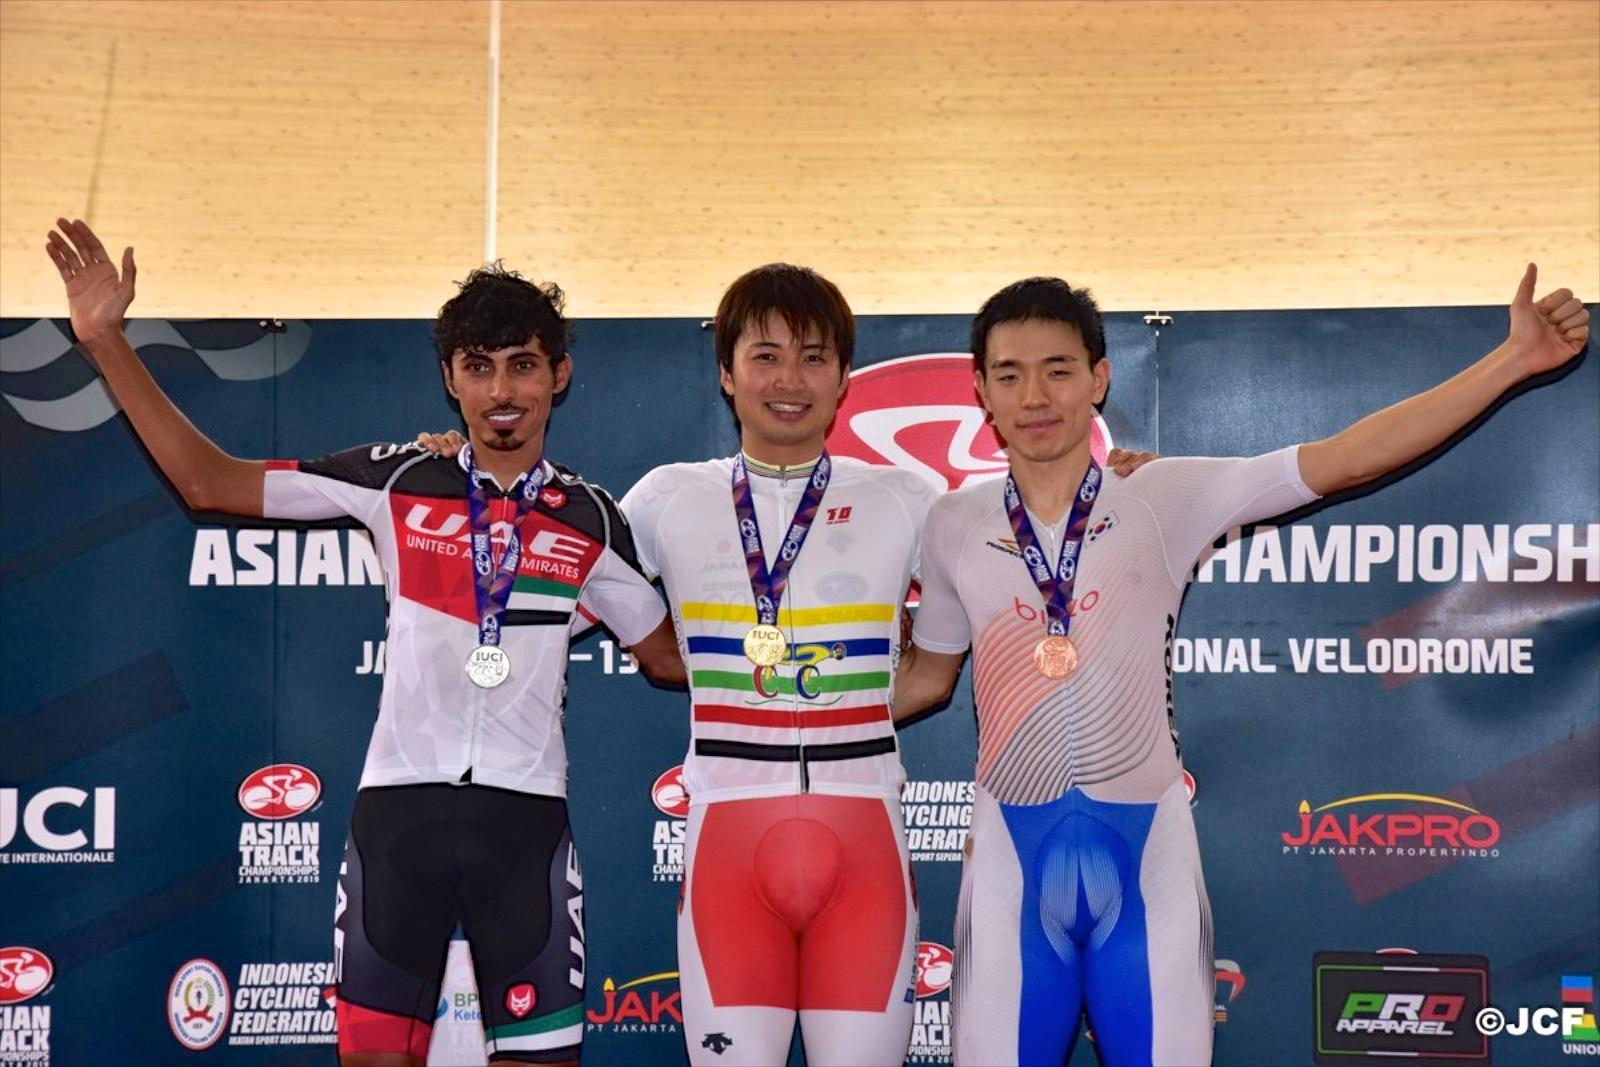 【トラック2019アジア選手権】オムニアムを橋本が優勝、アジア選手権2連覇3勝目